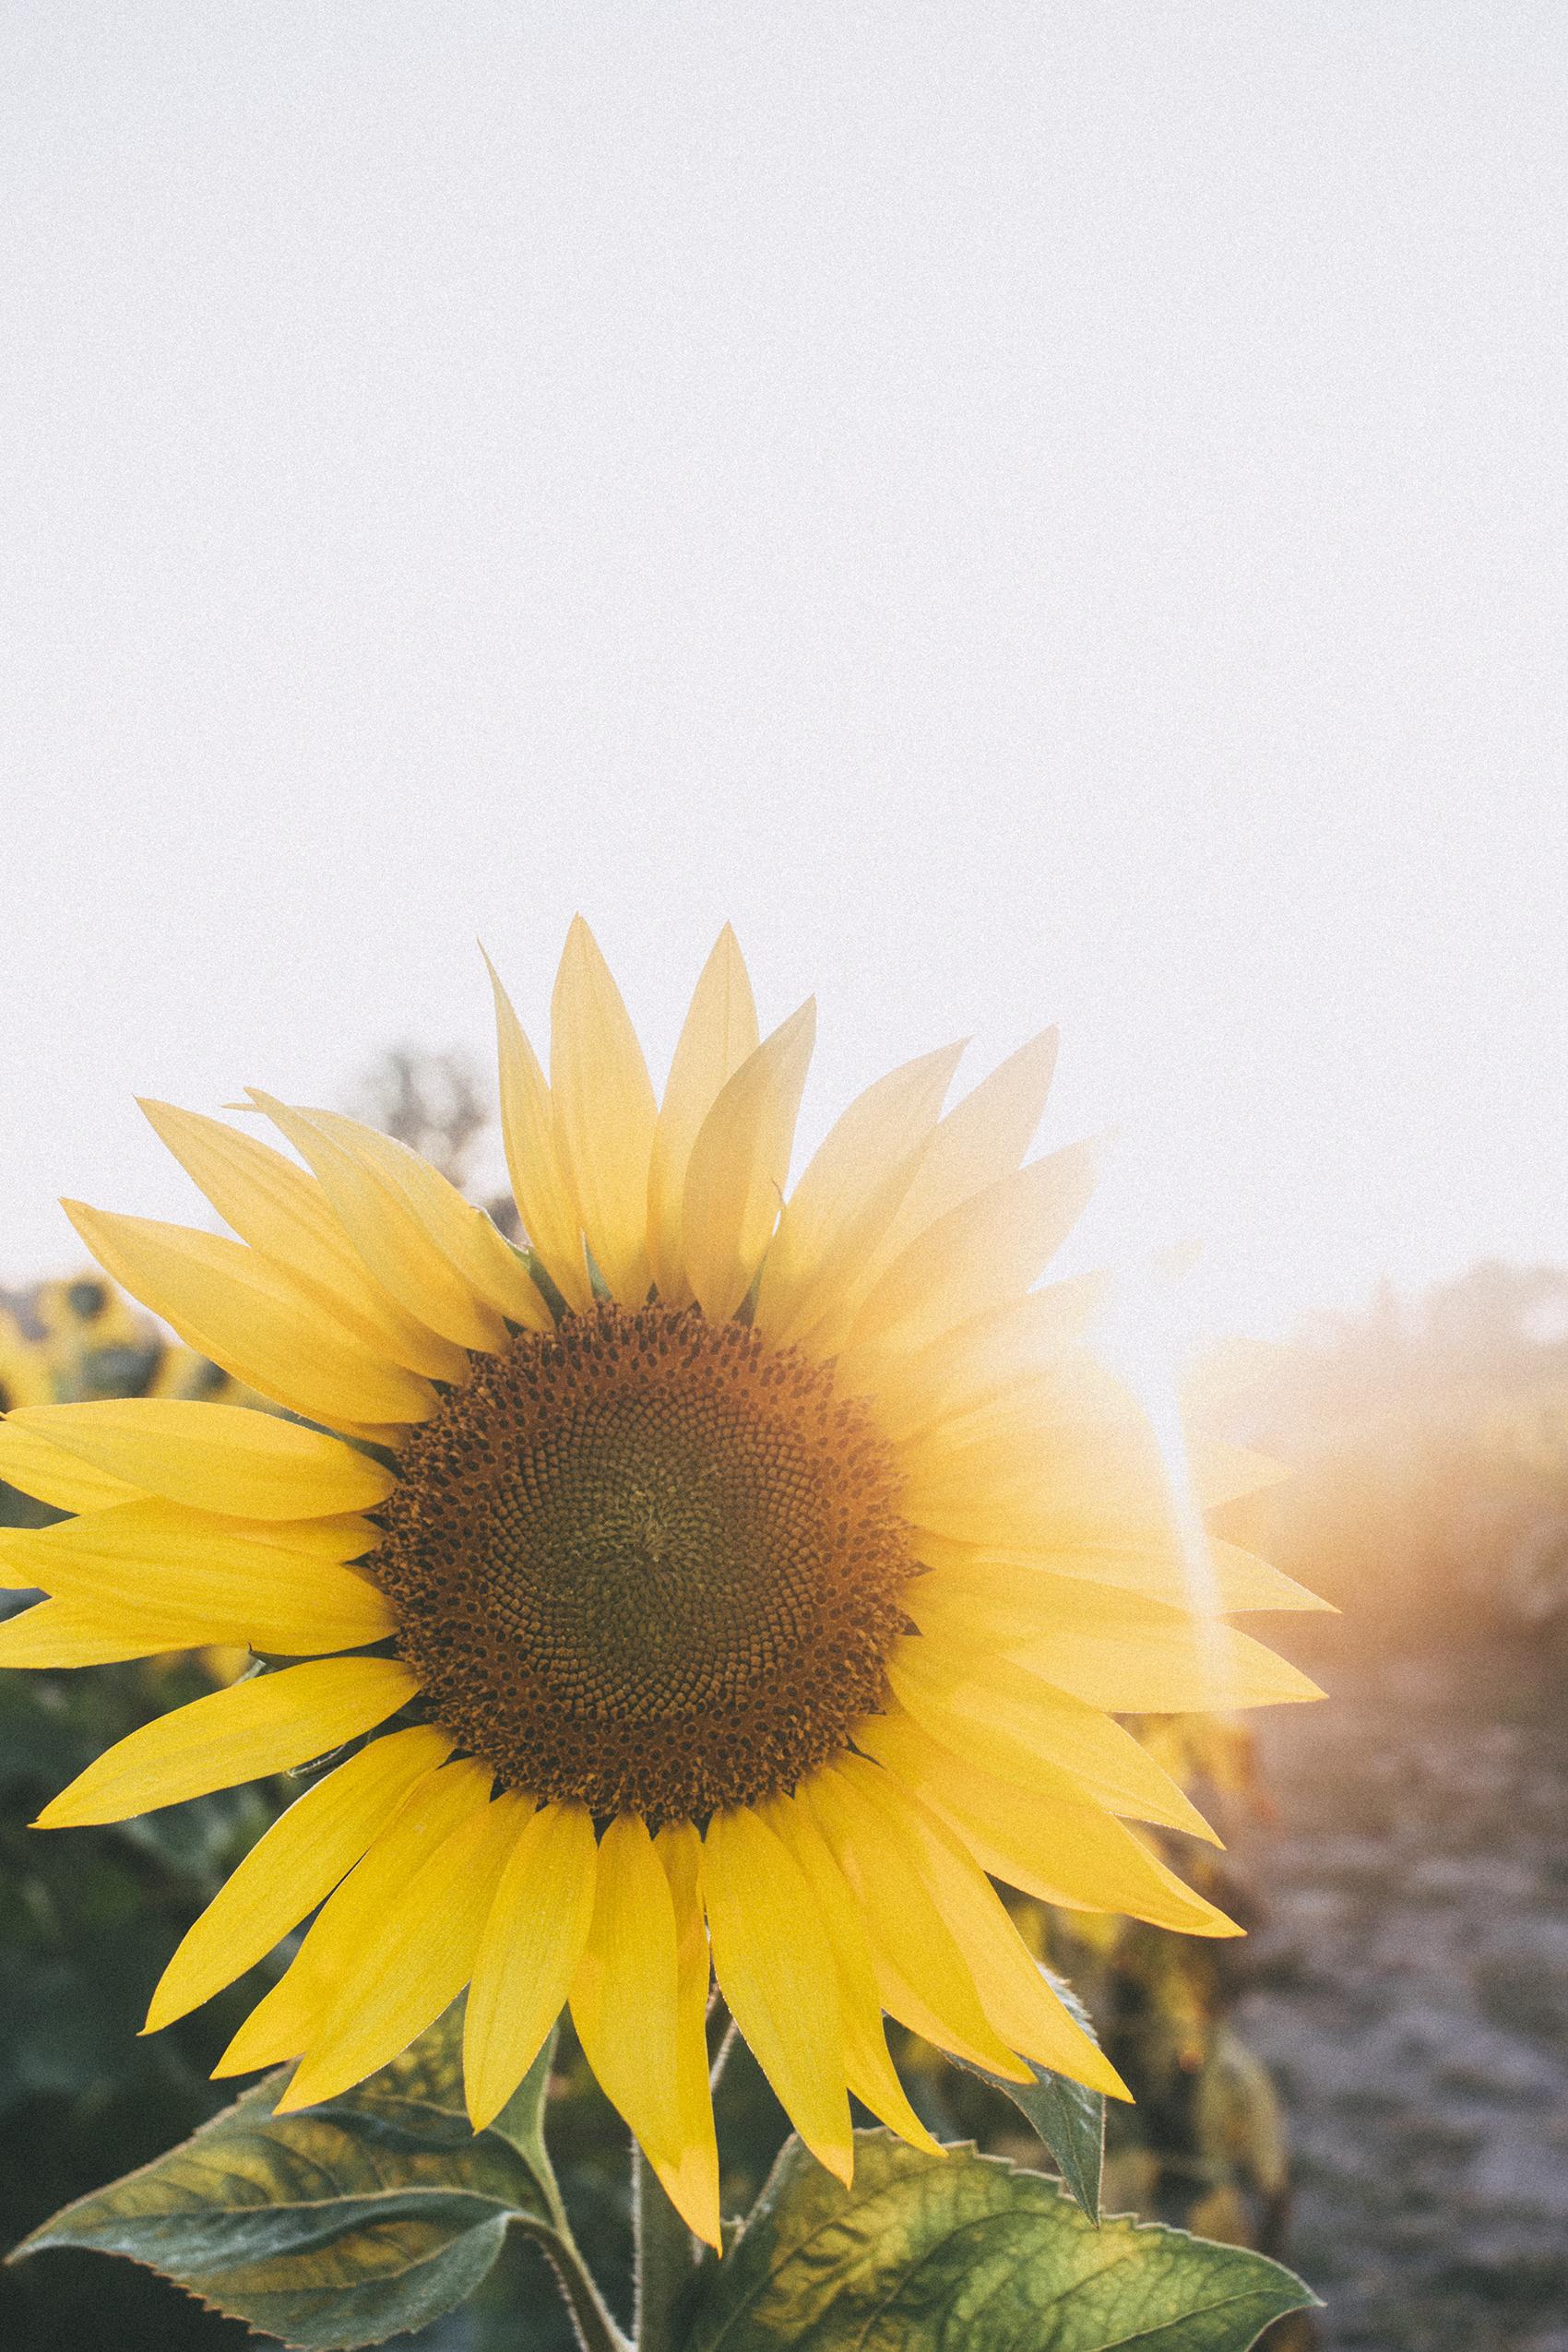 AvonOHSunflowers_09232017_134.jpg